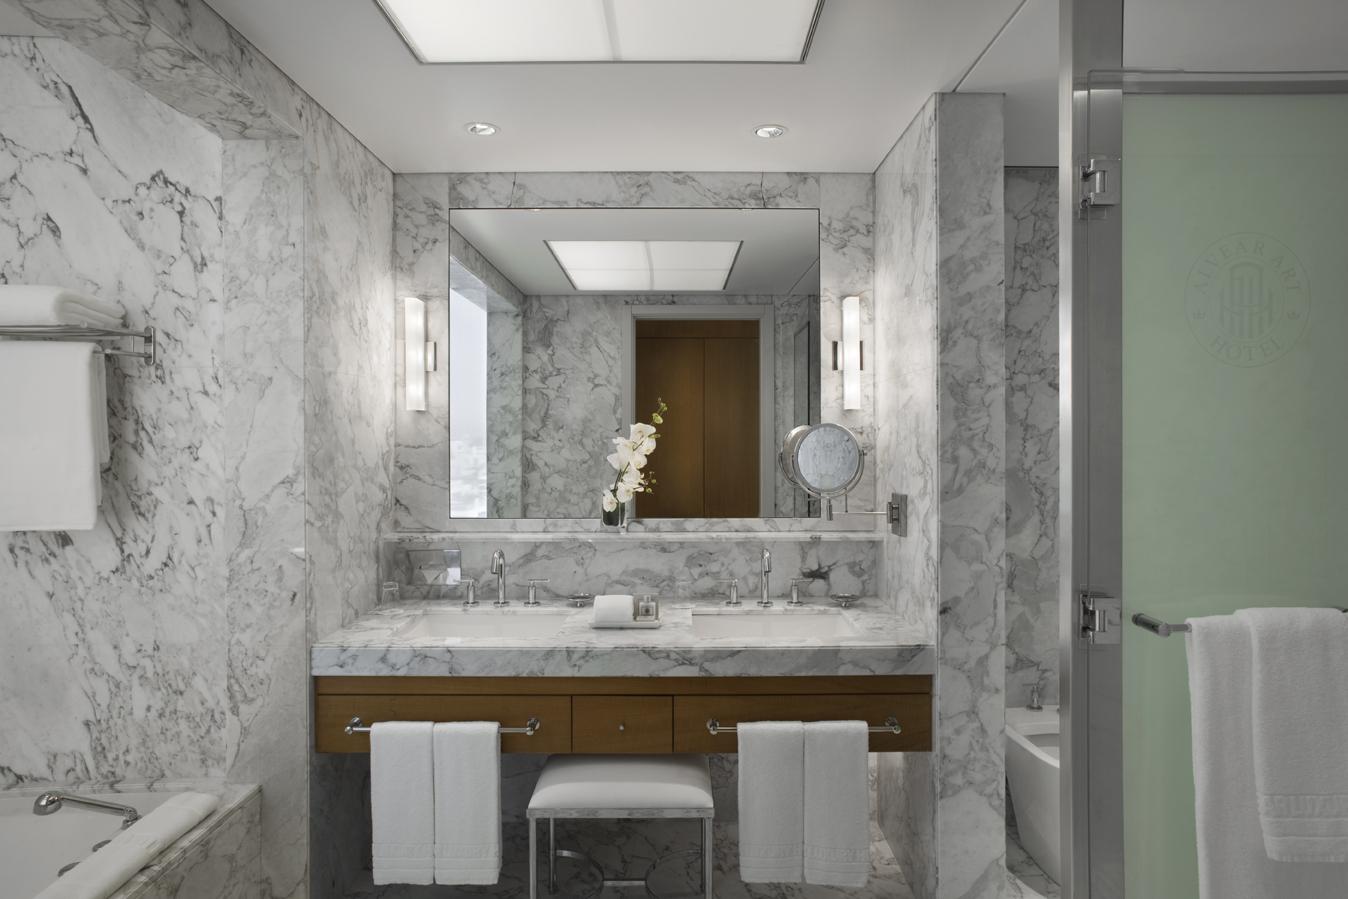 galeria_5a_art_suite-bath.jpg